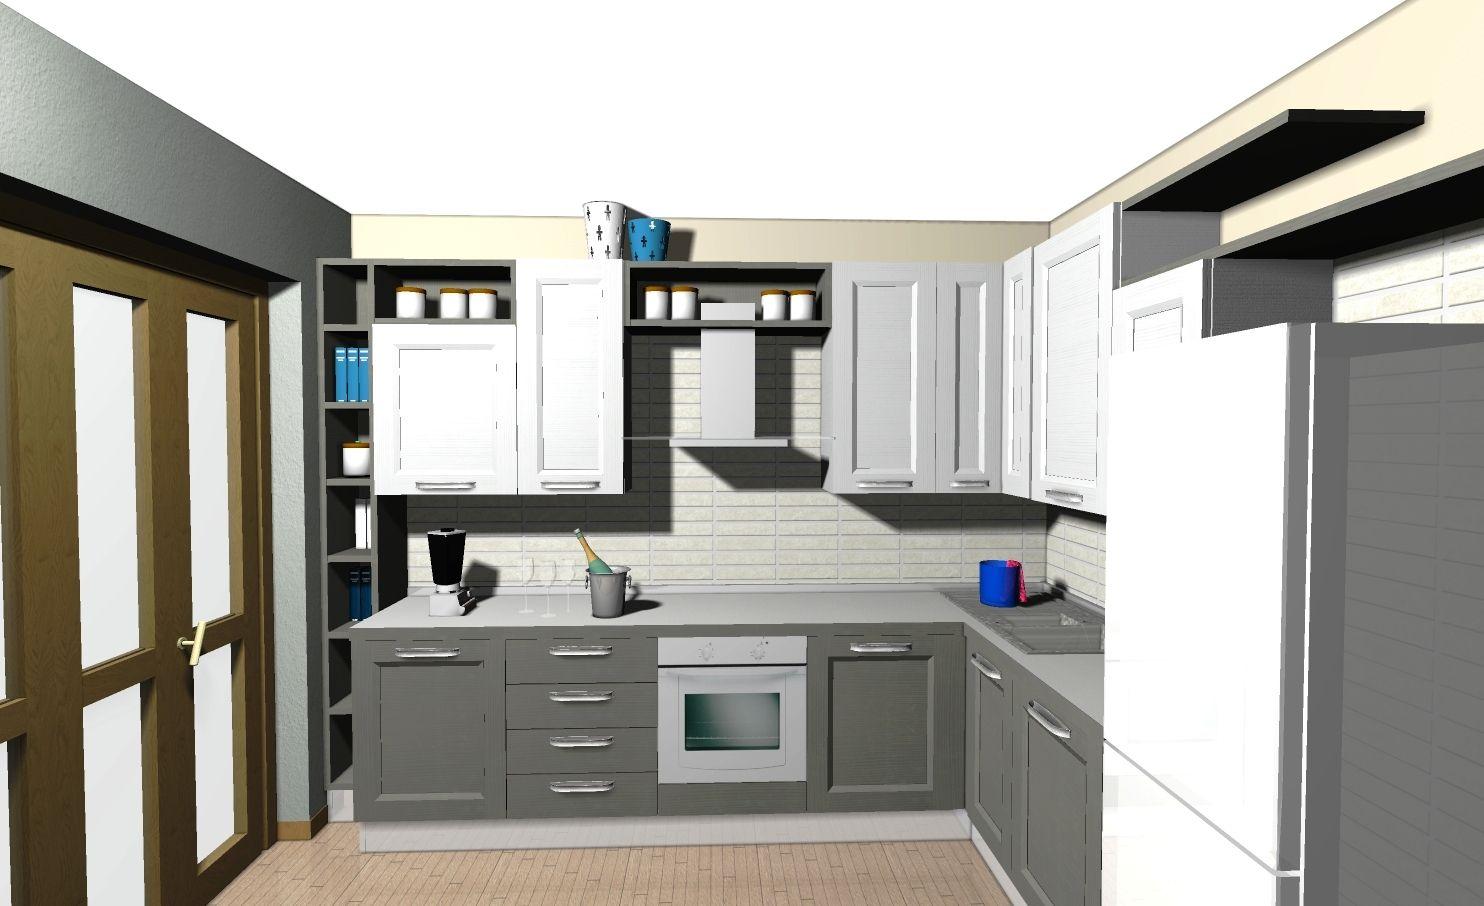 Oyster Vintage Veneta cucine  cucine Domus arredi nel 2019  Kitchen Cabinets Furniture e Home